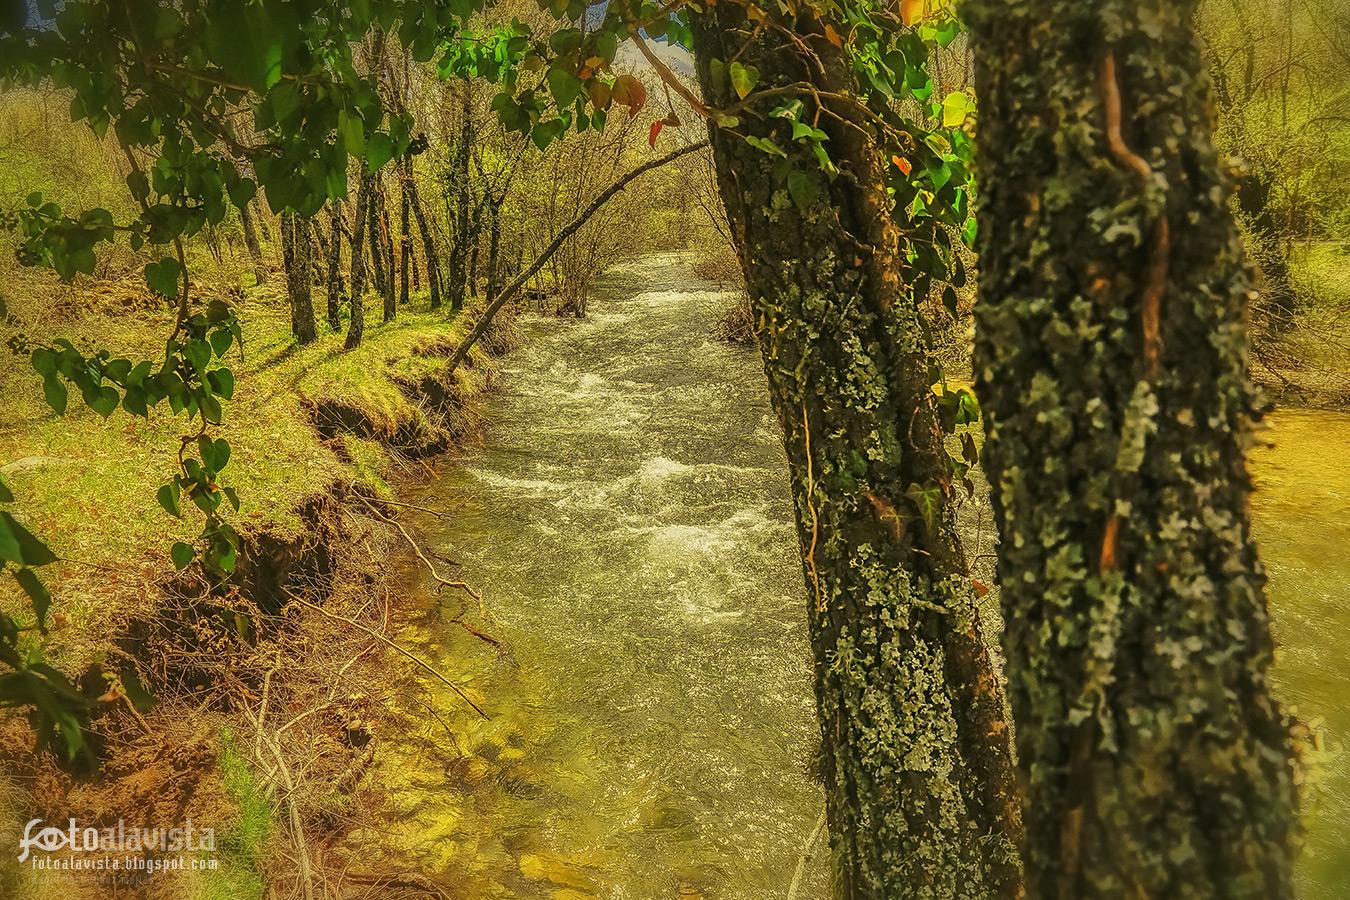 El río entre árboles - Fotografía